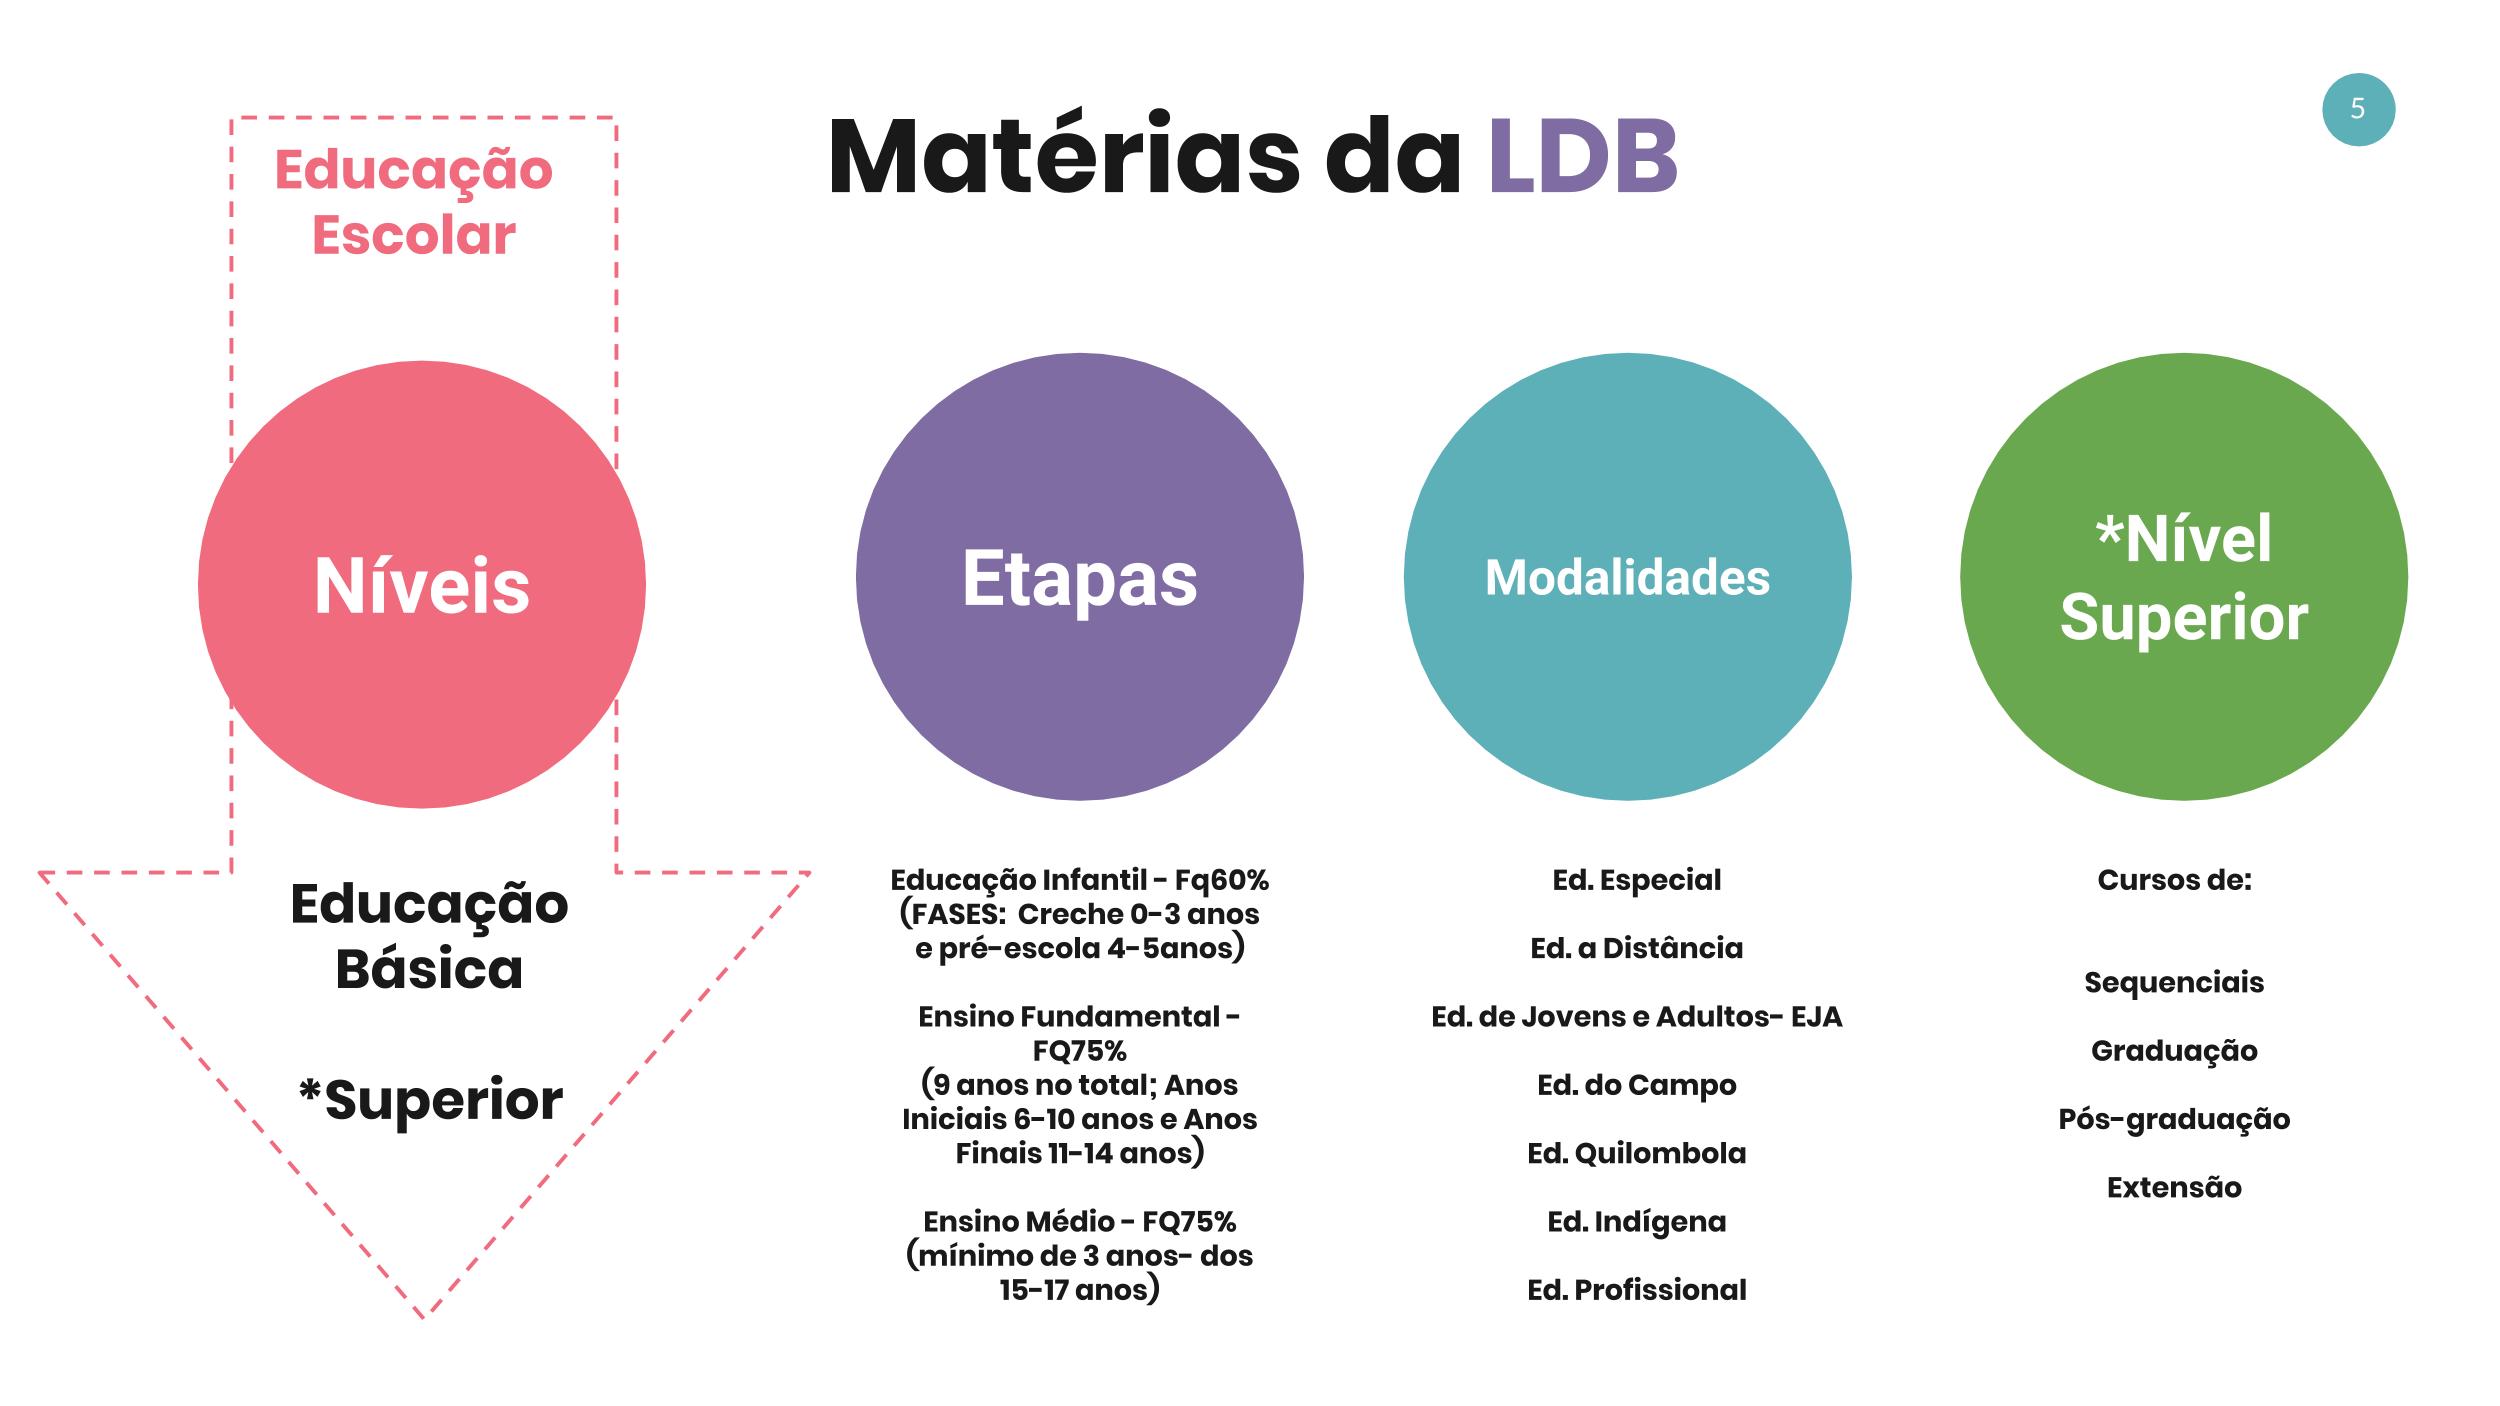 A JLS - Educação online participa do programa Multincubadora da Universidade de Brasilia. Clique e veja!